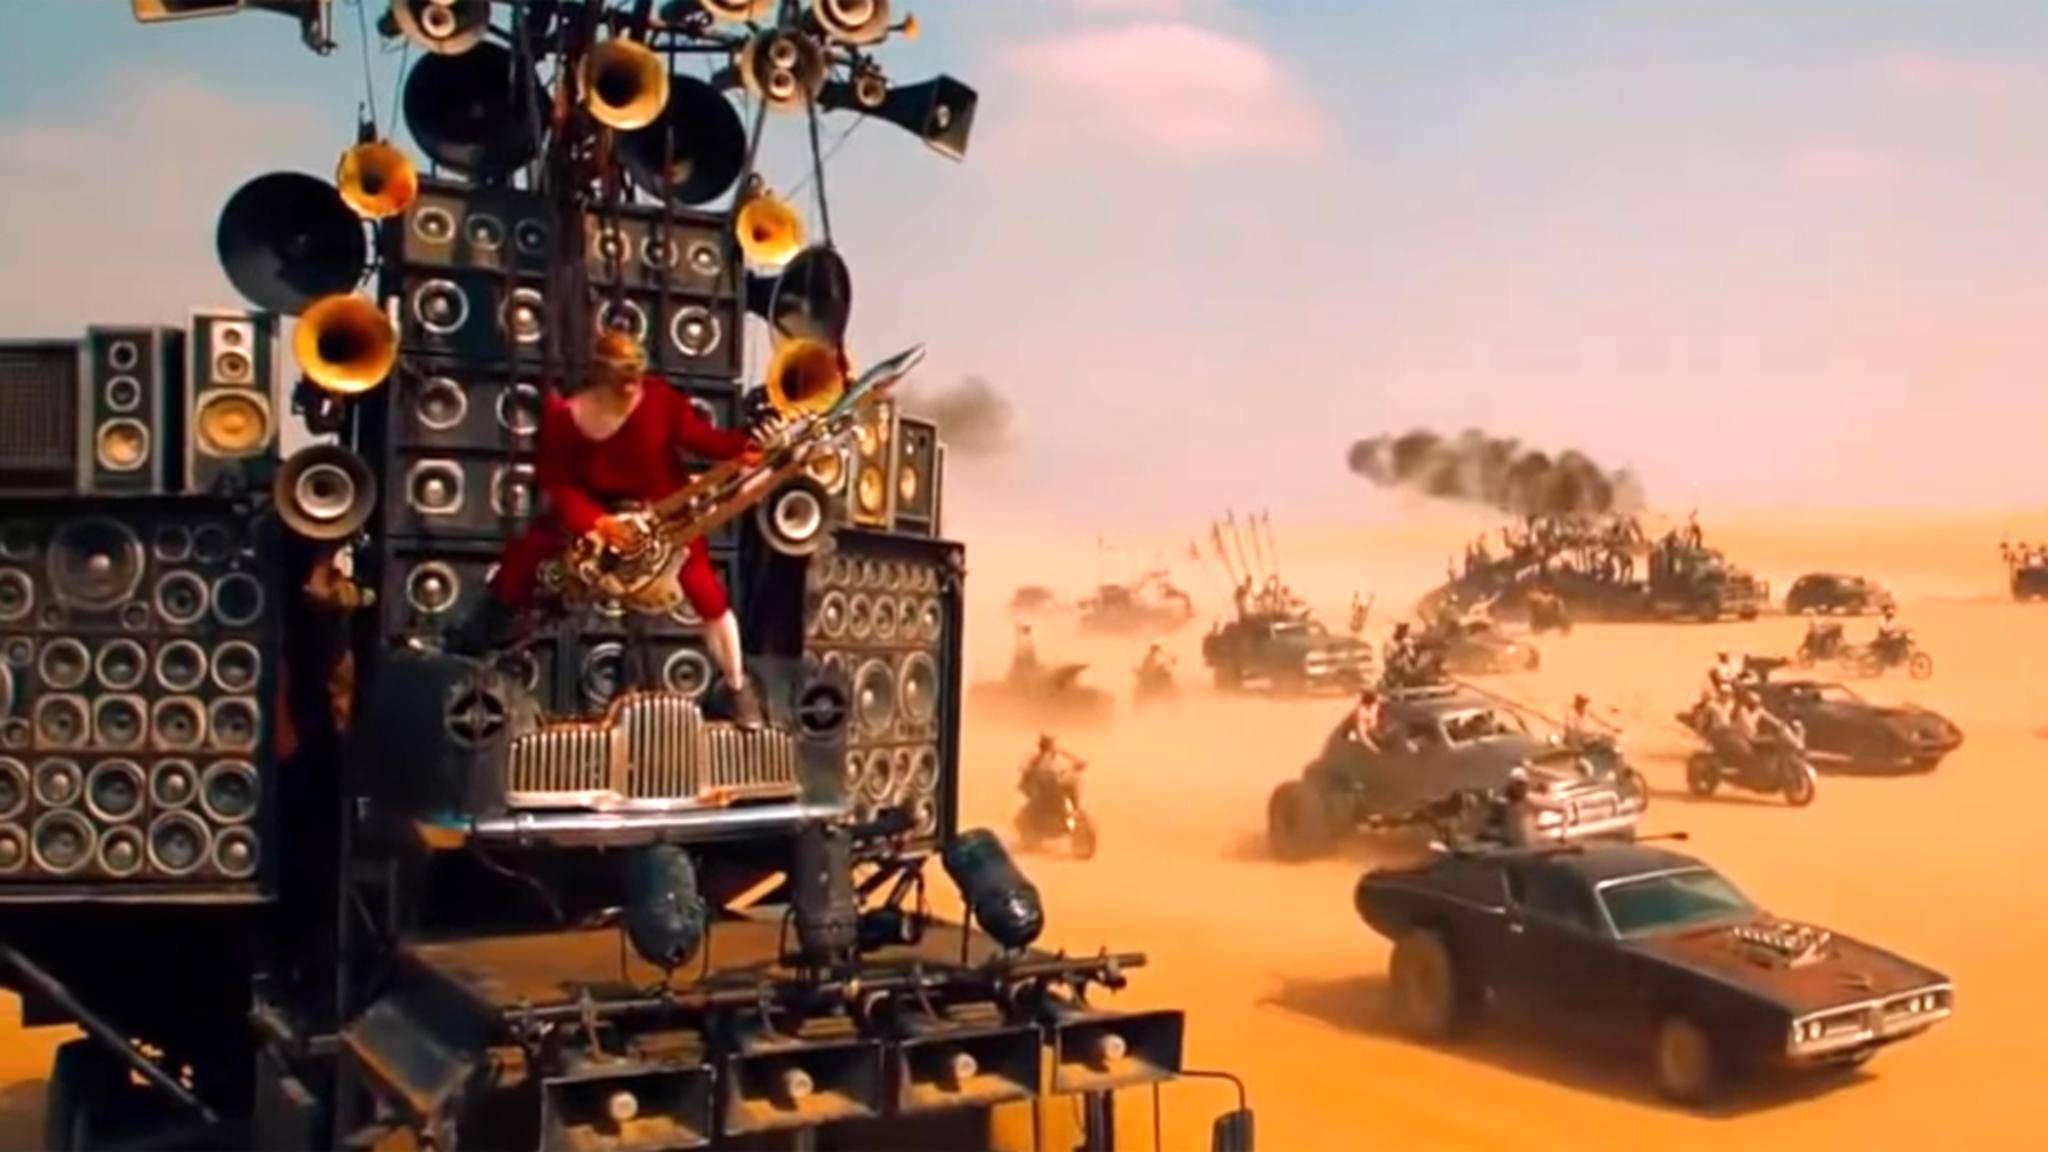 """Ganz so massig muss Deine Anlage nicht sein, um """"Mad Max: Fury Road"""" angemessen genießen zu können. Aber: Surround Sound wertet das Wüstenspektakel enorm auf!"""